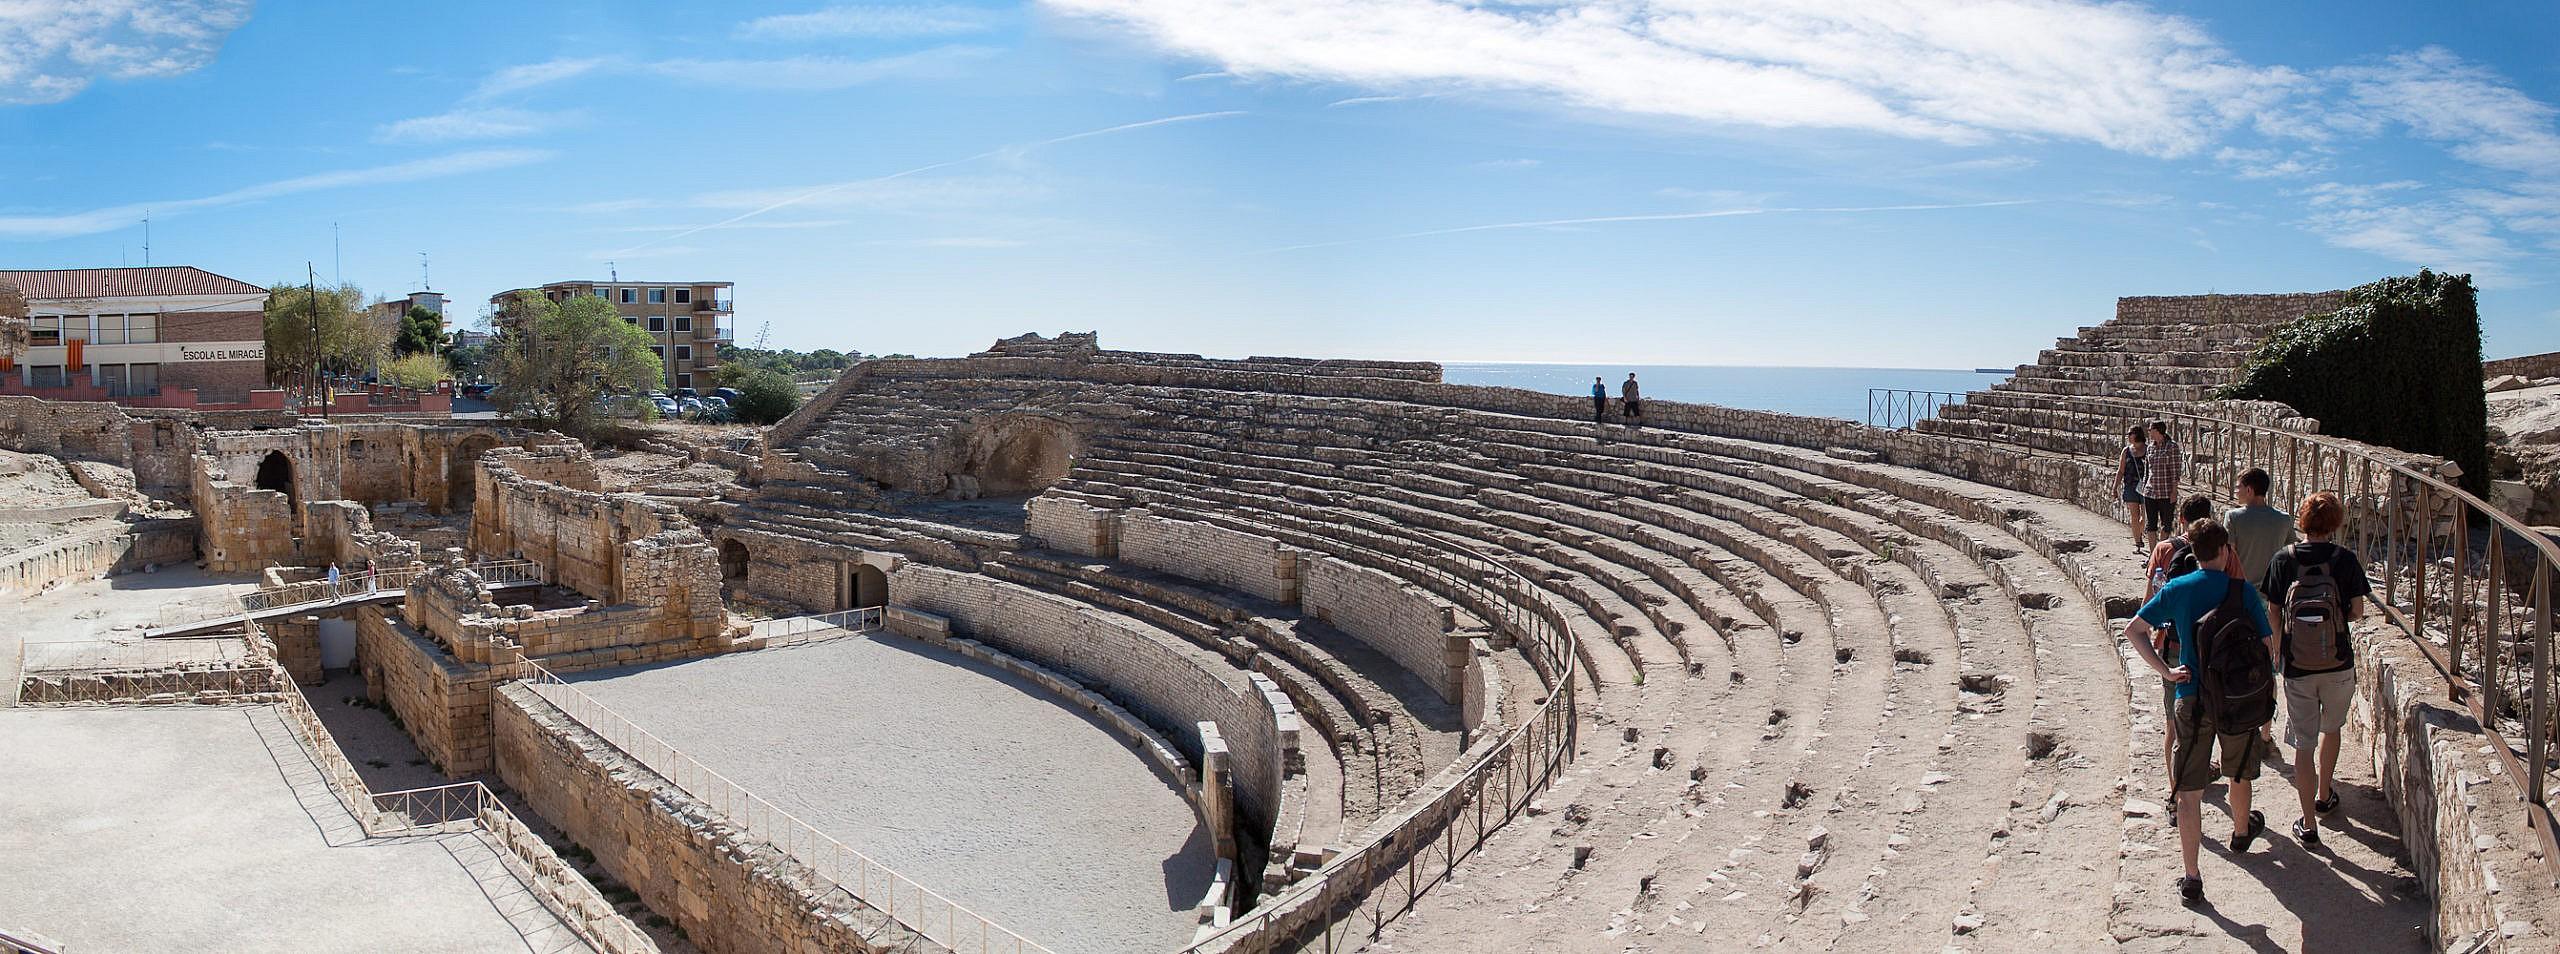 Римские останки в Таррагоне